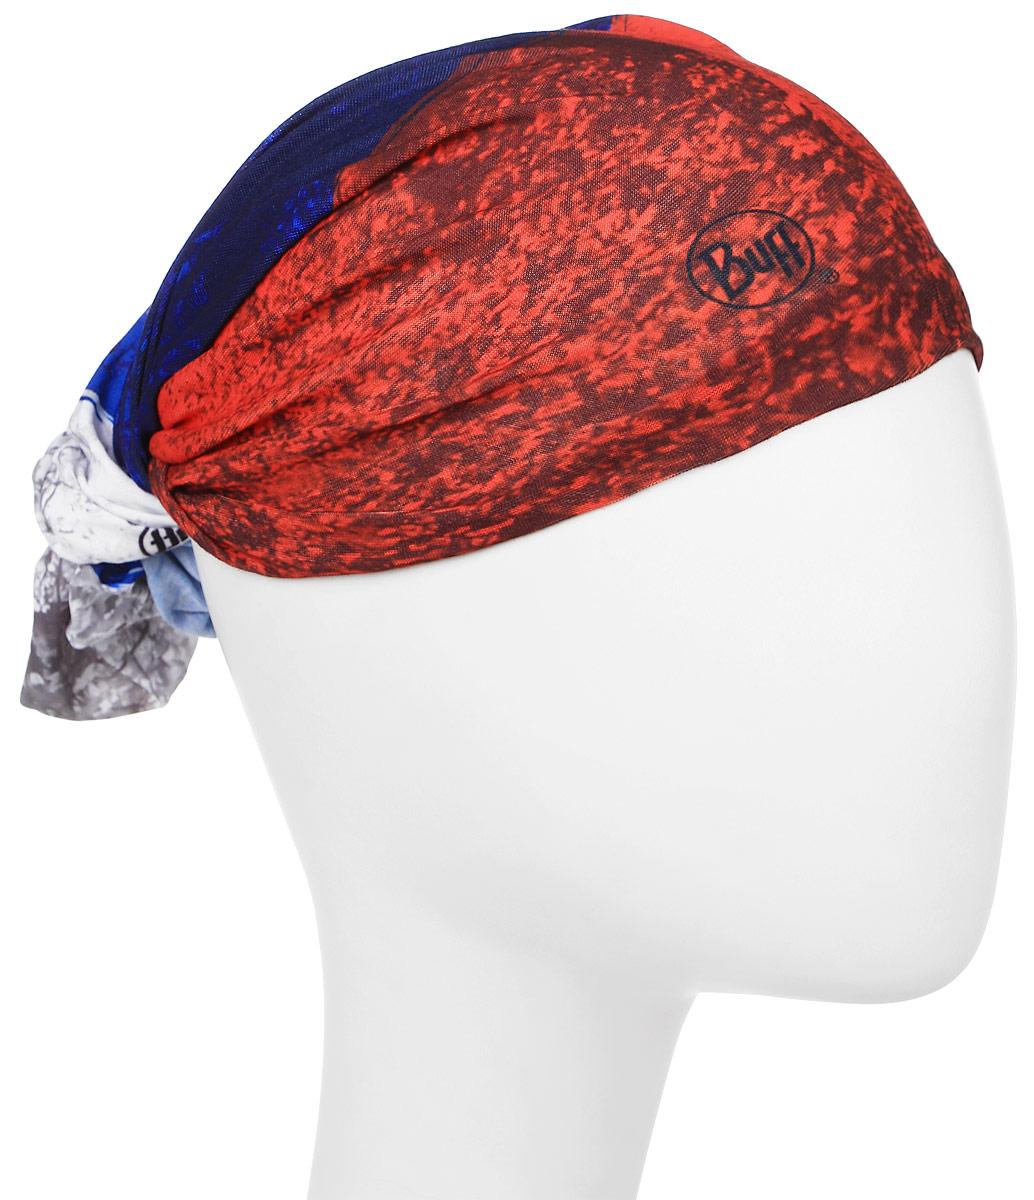 Бандана Buff Original, цвет: синий, красный. 116989.00. Размер универсальный116989.00Buff - это оригинальные, мультифункциональные, бесшовные головные уборы - удобные и комфортные для любого вида активного отдыха и спорта. Оригинальные, потому что Buff был и является первым в мире брендом мультифункциональных, бесшовных и универсальных головных уборов. Мультифункциональные, потому что их можно носить самыми разными способами: как шарф, как шапку, как балаклаву, косынку, бандану, маску, напульсник и многими другими - решает Ваша фантазия! Универсальный головной убор, который можно носить более чем двенадцатью способами, который можно использовать при занятии любым видом спорта, езде на велосипеде и мотоцикле, катаясь или бегая на лыжах, и даже как аксессуар в городской одежде. Бесшовные, благодаря эластичности, позволяющей использовать эти головные уборы как угодно и не беспокоиться о том, что кожа может быть натерта или раздражена швами.